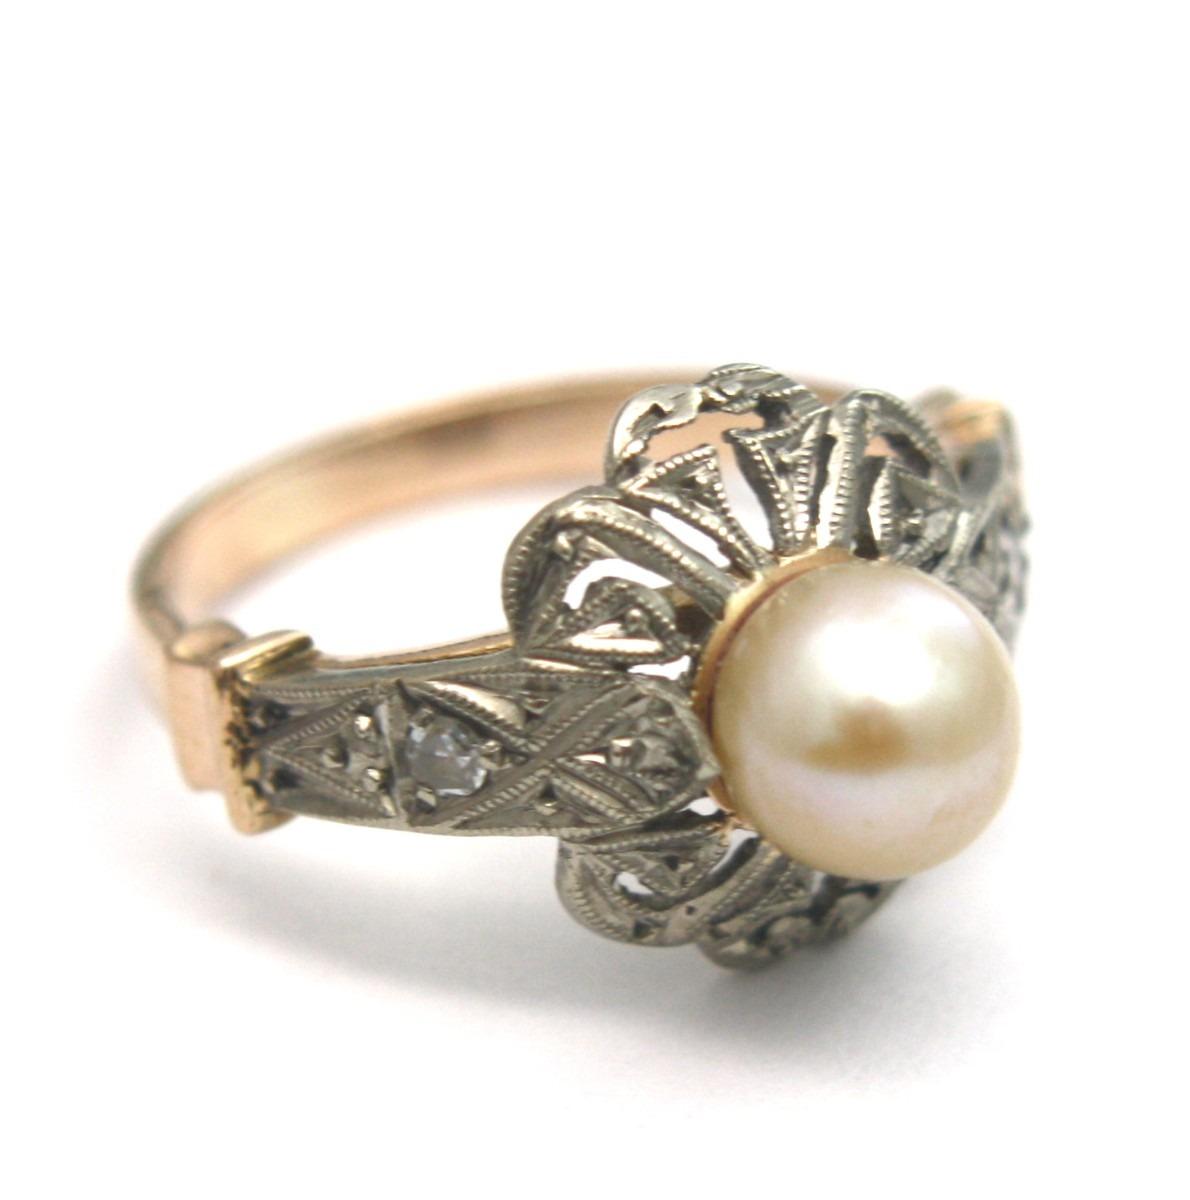 6c5ac0f5531 anel design antigo com pérola e brilhantes ouro 18k - d189. Carregando zoom.